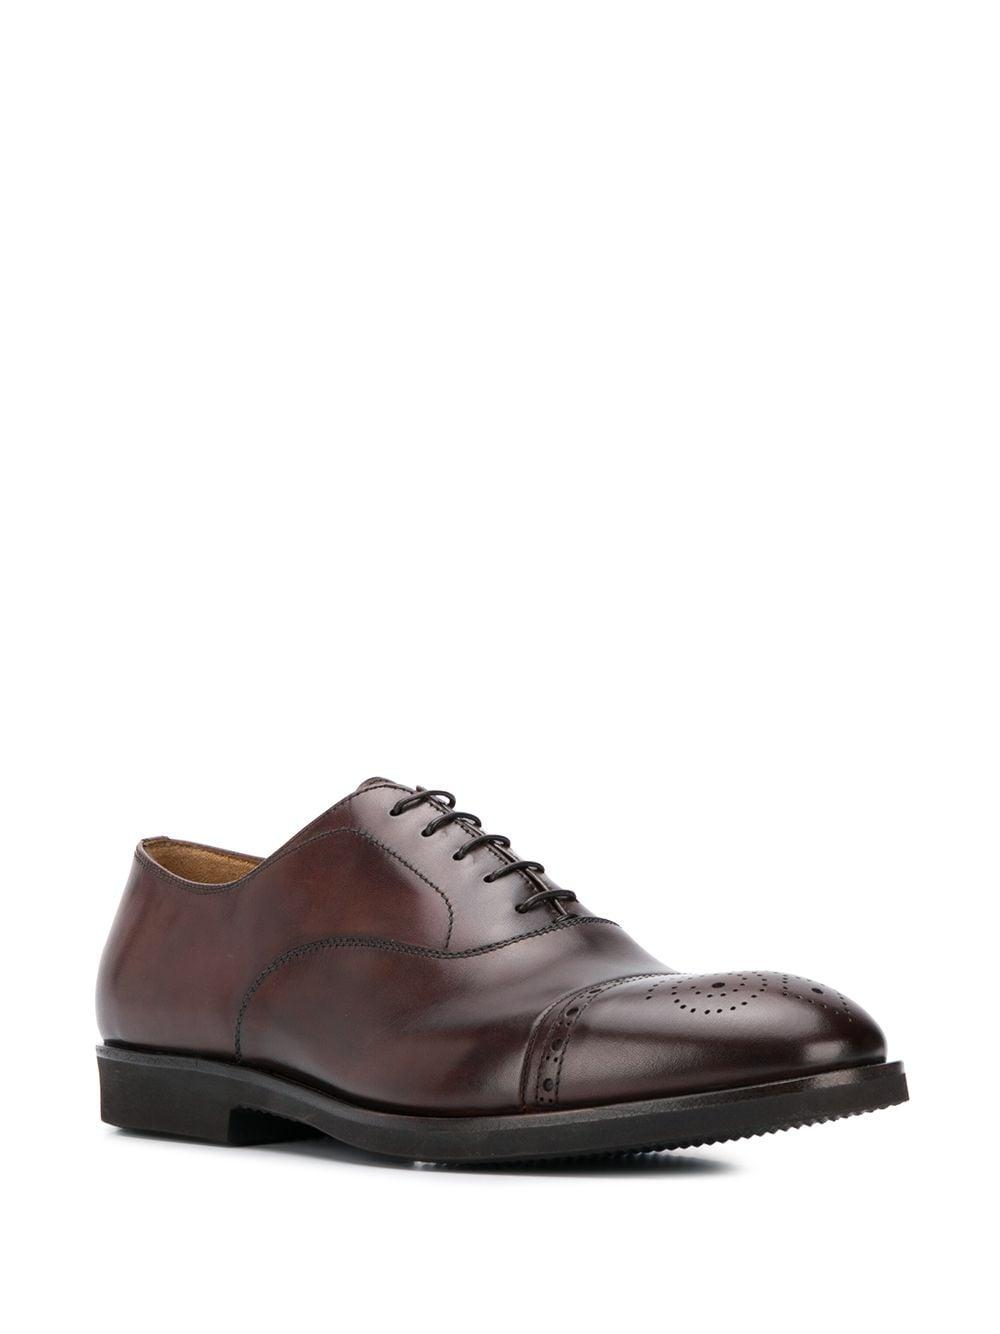 Zapatos oxford con perforaciones Premiata de Cuero de color Marrón para hombre